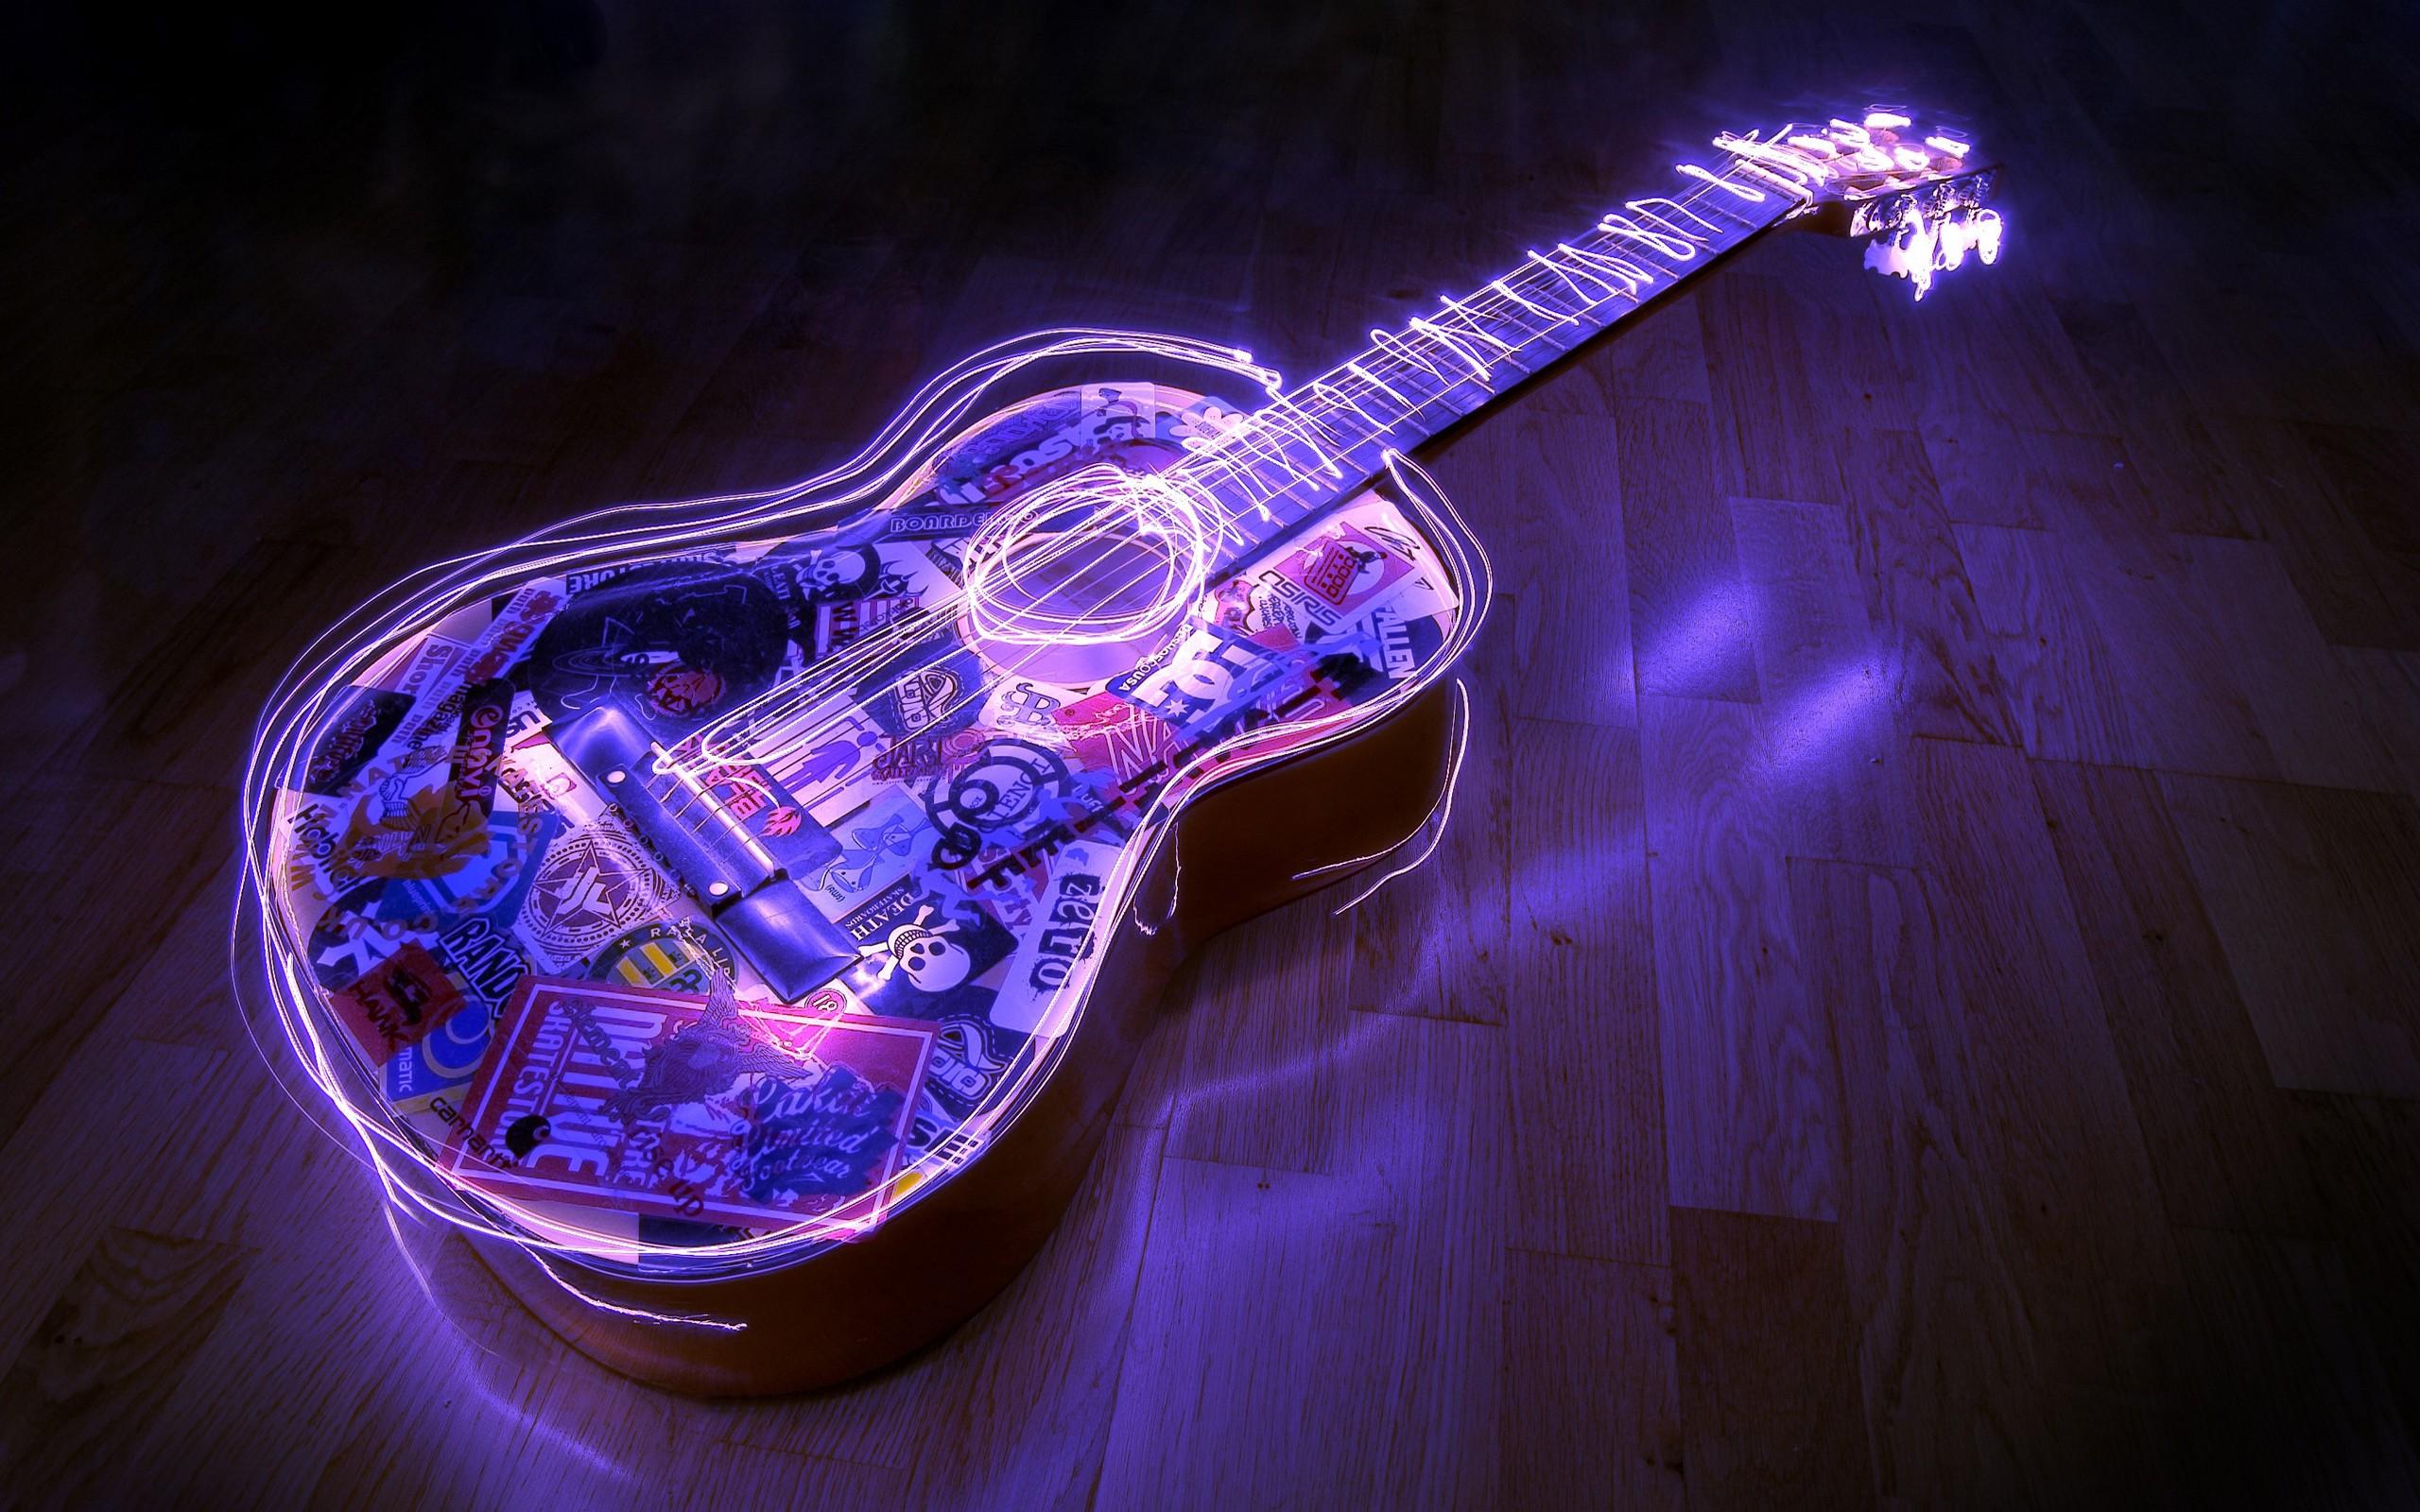 Guitarra con bordes neon - 2560x1600